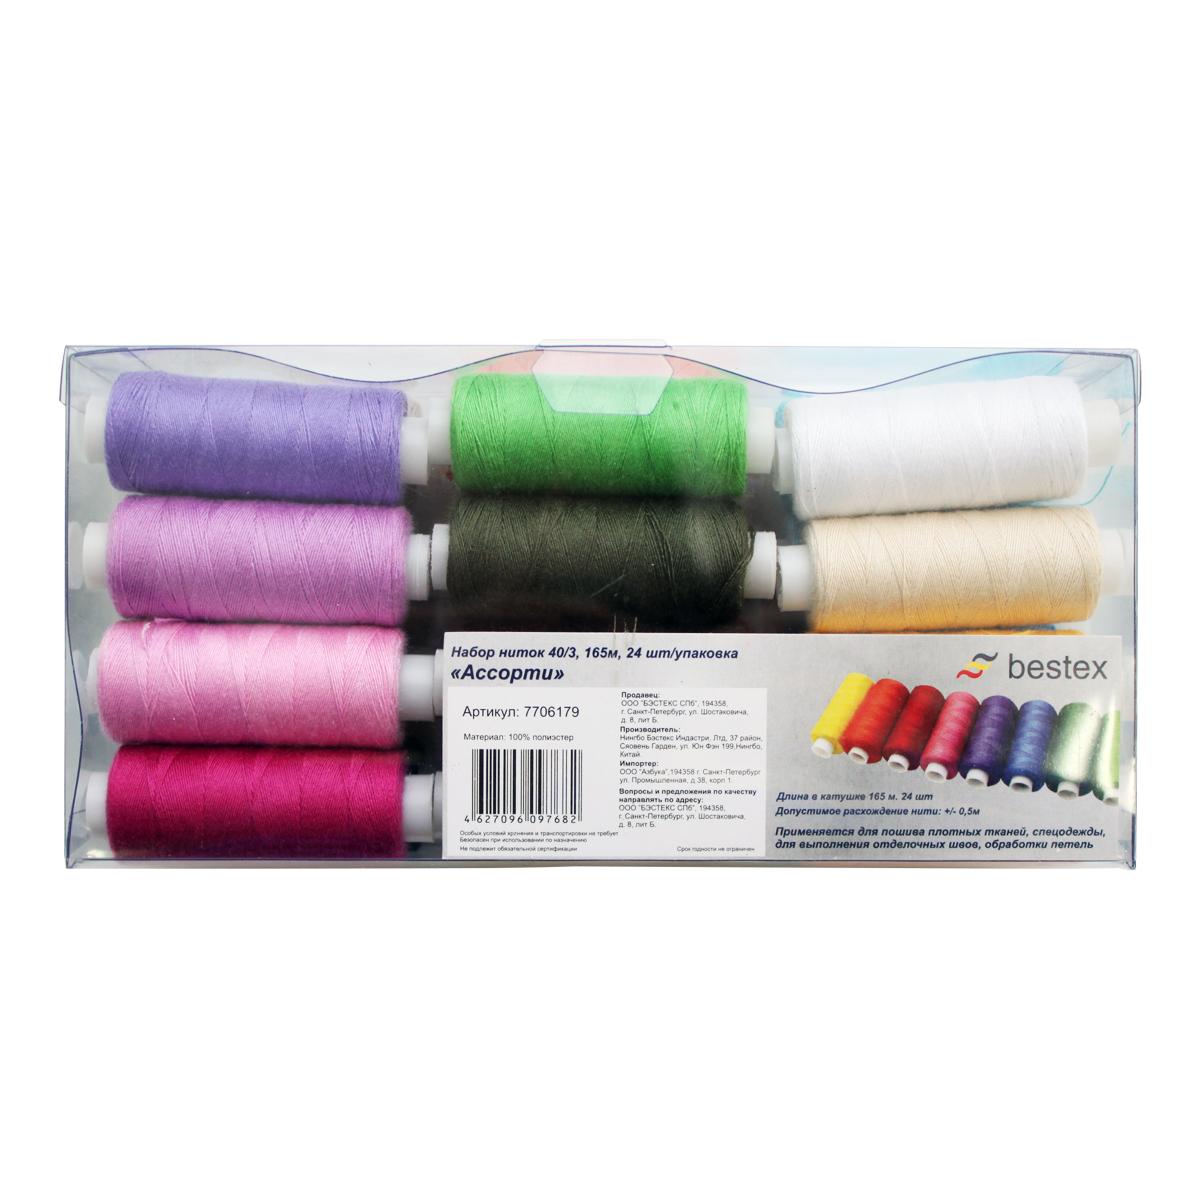 Набор ниток Bestex Ассорти 40/3, 164,6 м, 24 шт7706179_ассортиПрименение: для пошива плотных тканей, спецодежды, выполнения отделочных швов, обработки петель. Состав: 100% полиэстер.